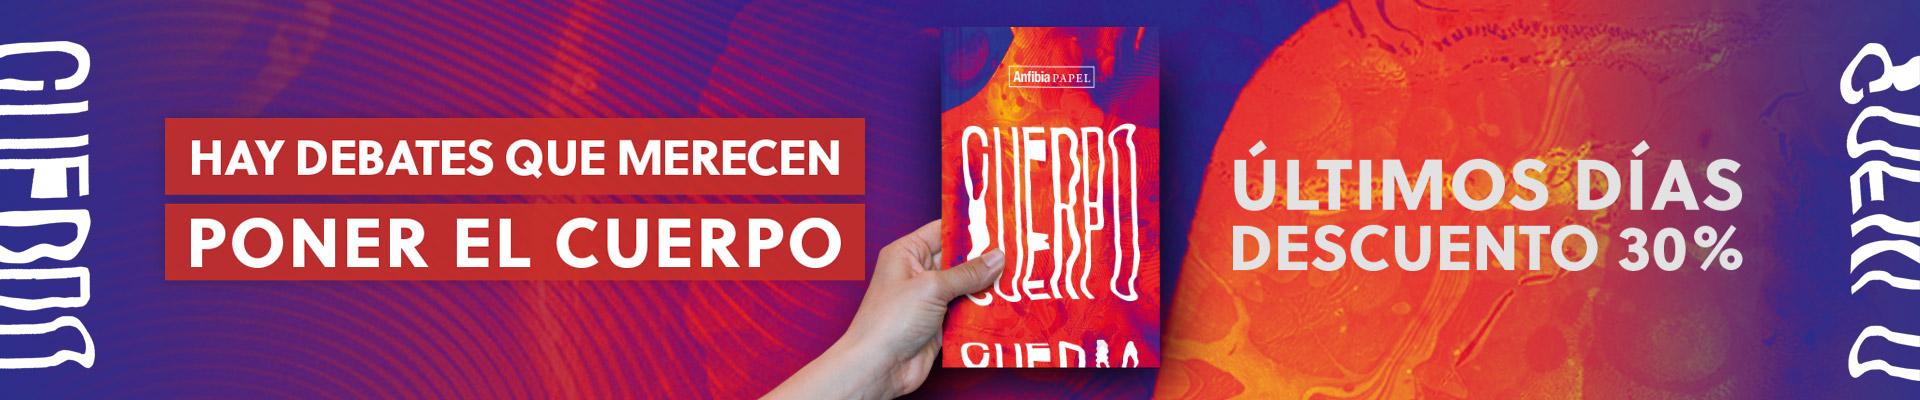 Banner_Cuerpo